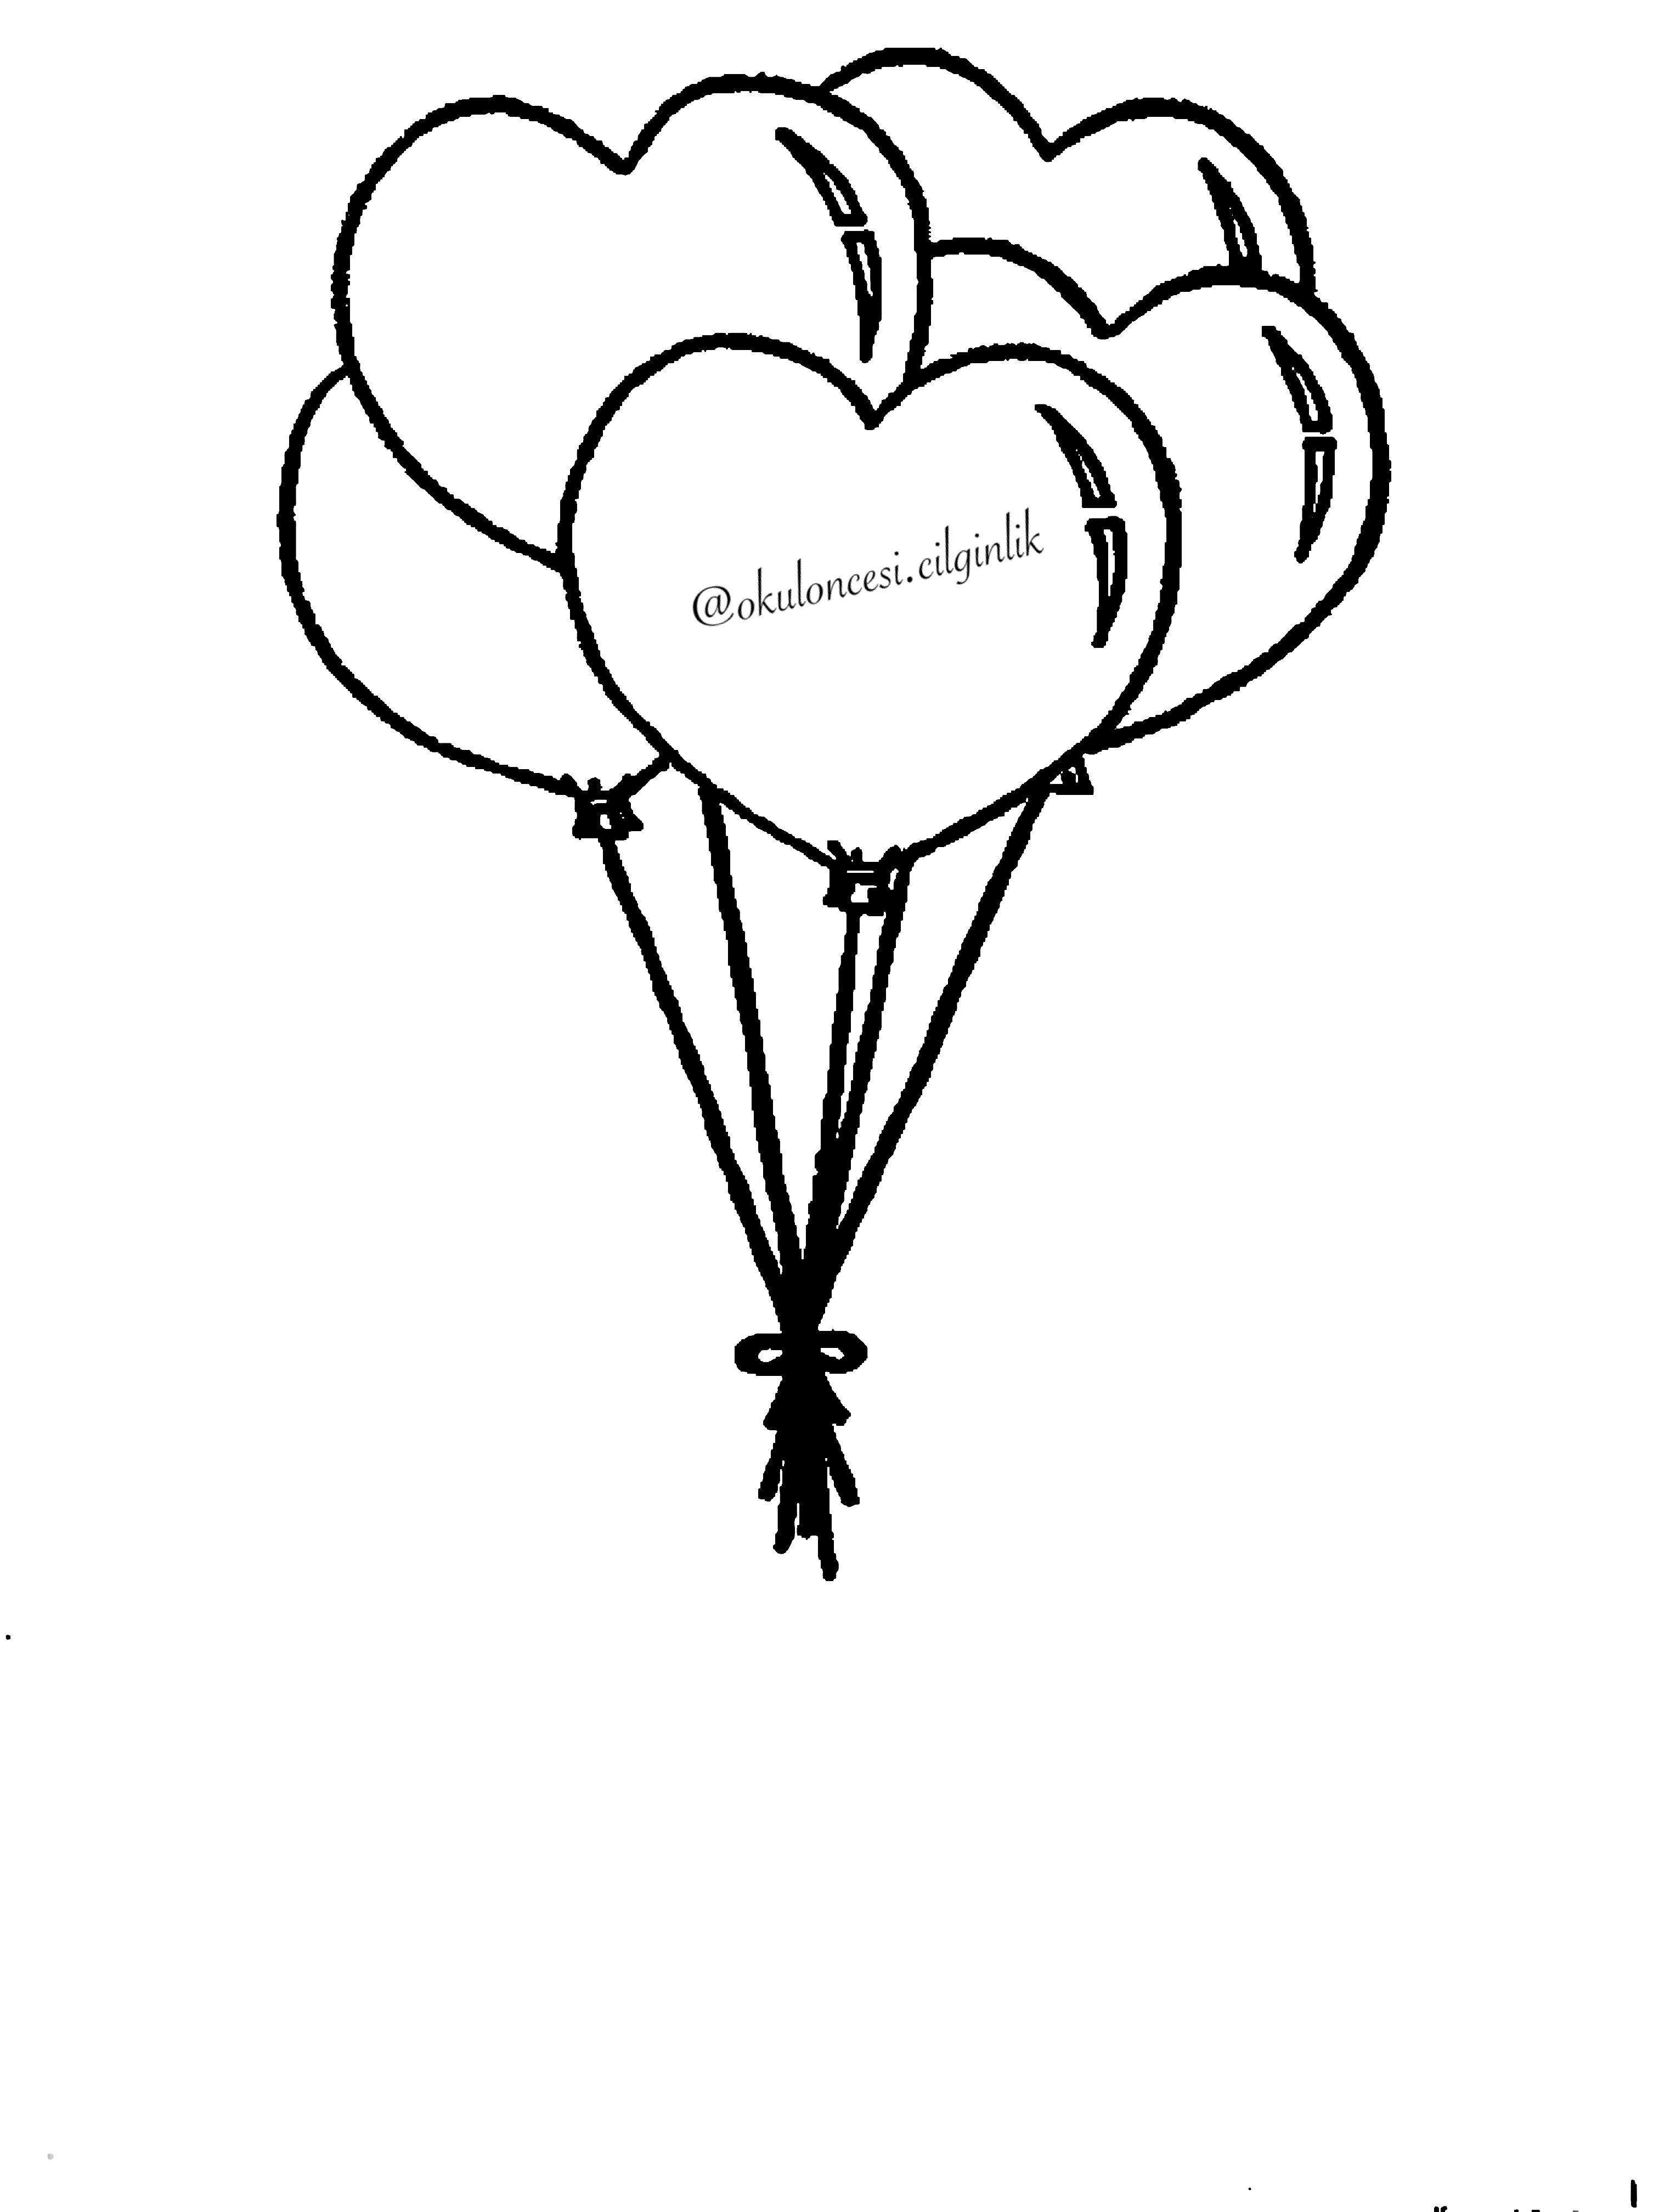 Yine Bir Hayal Gucu Mizah Calismasi Ile Biz Kalibi Pinterest Balon Etkinlik Panosu Ya Da Fac Sanat Etkinlikleri Sanat Projeleri Balon Boyama